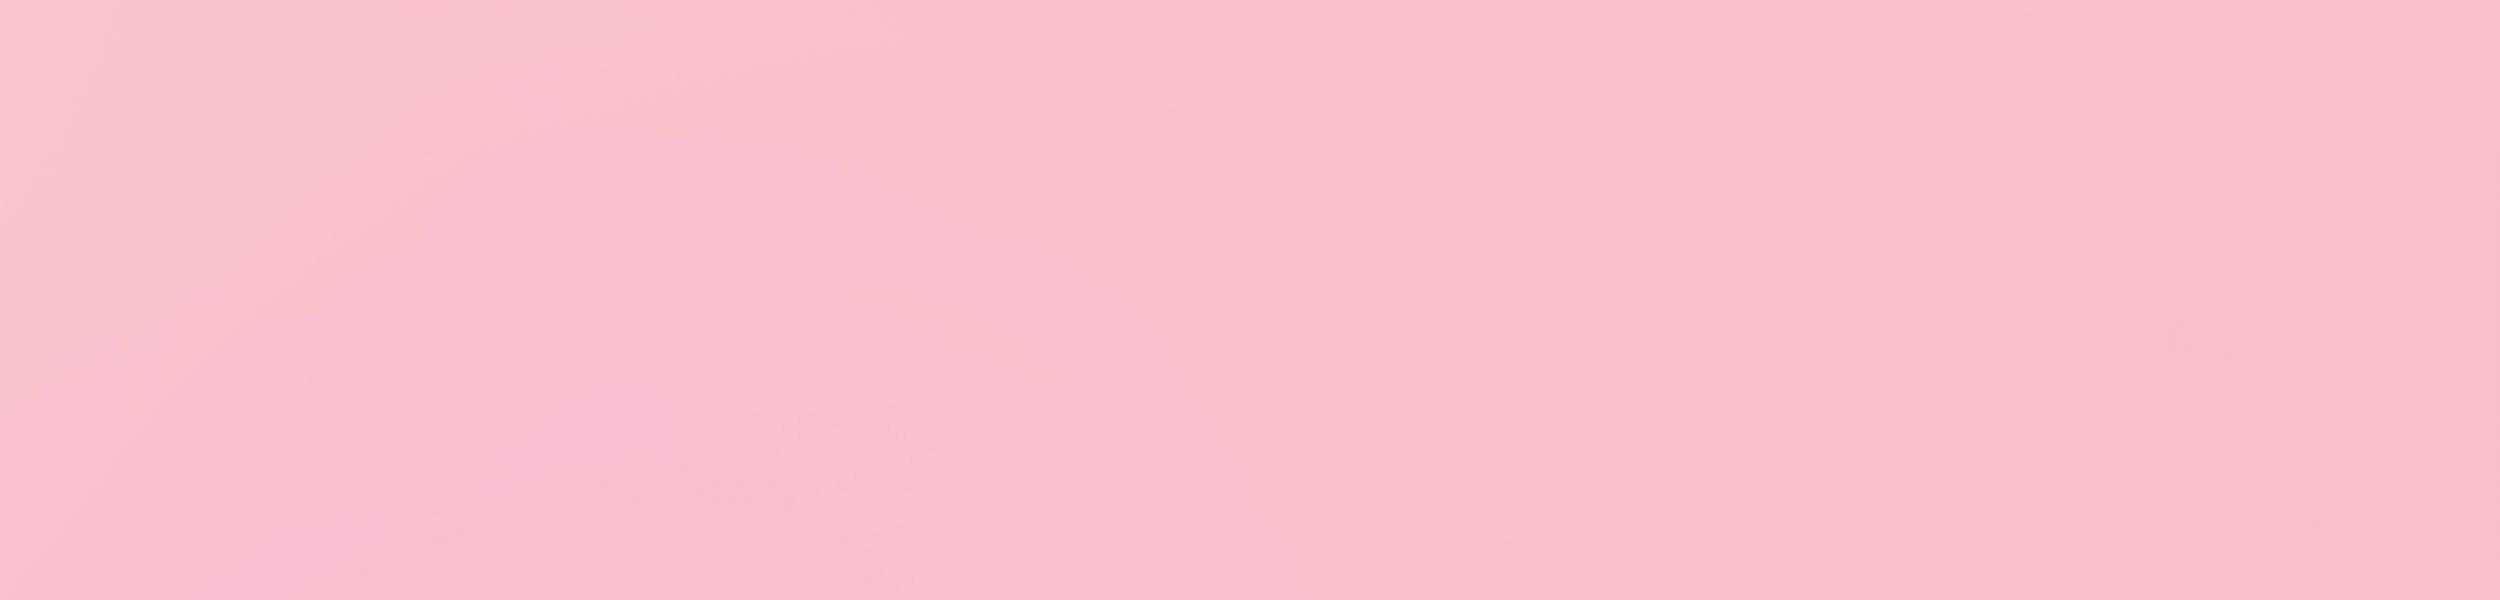 Ariel Pink - pom pom